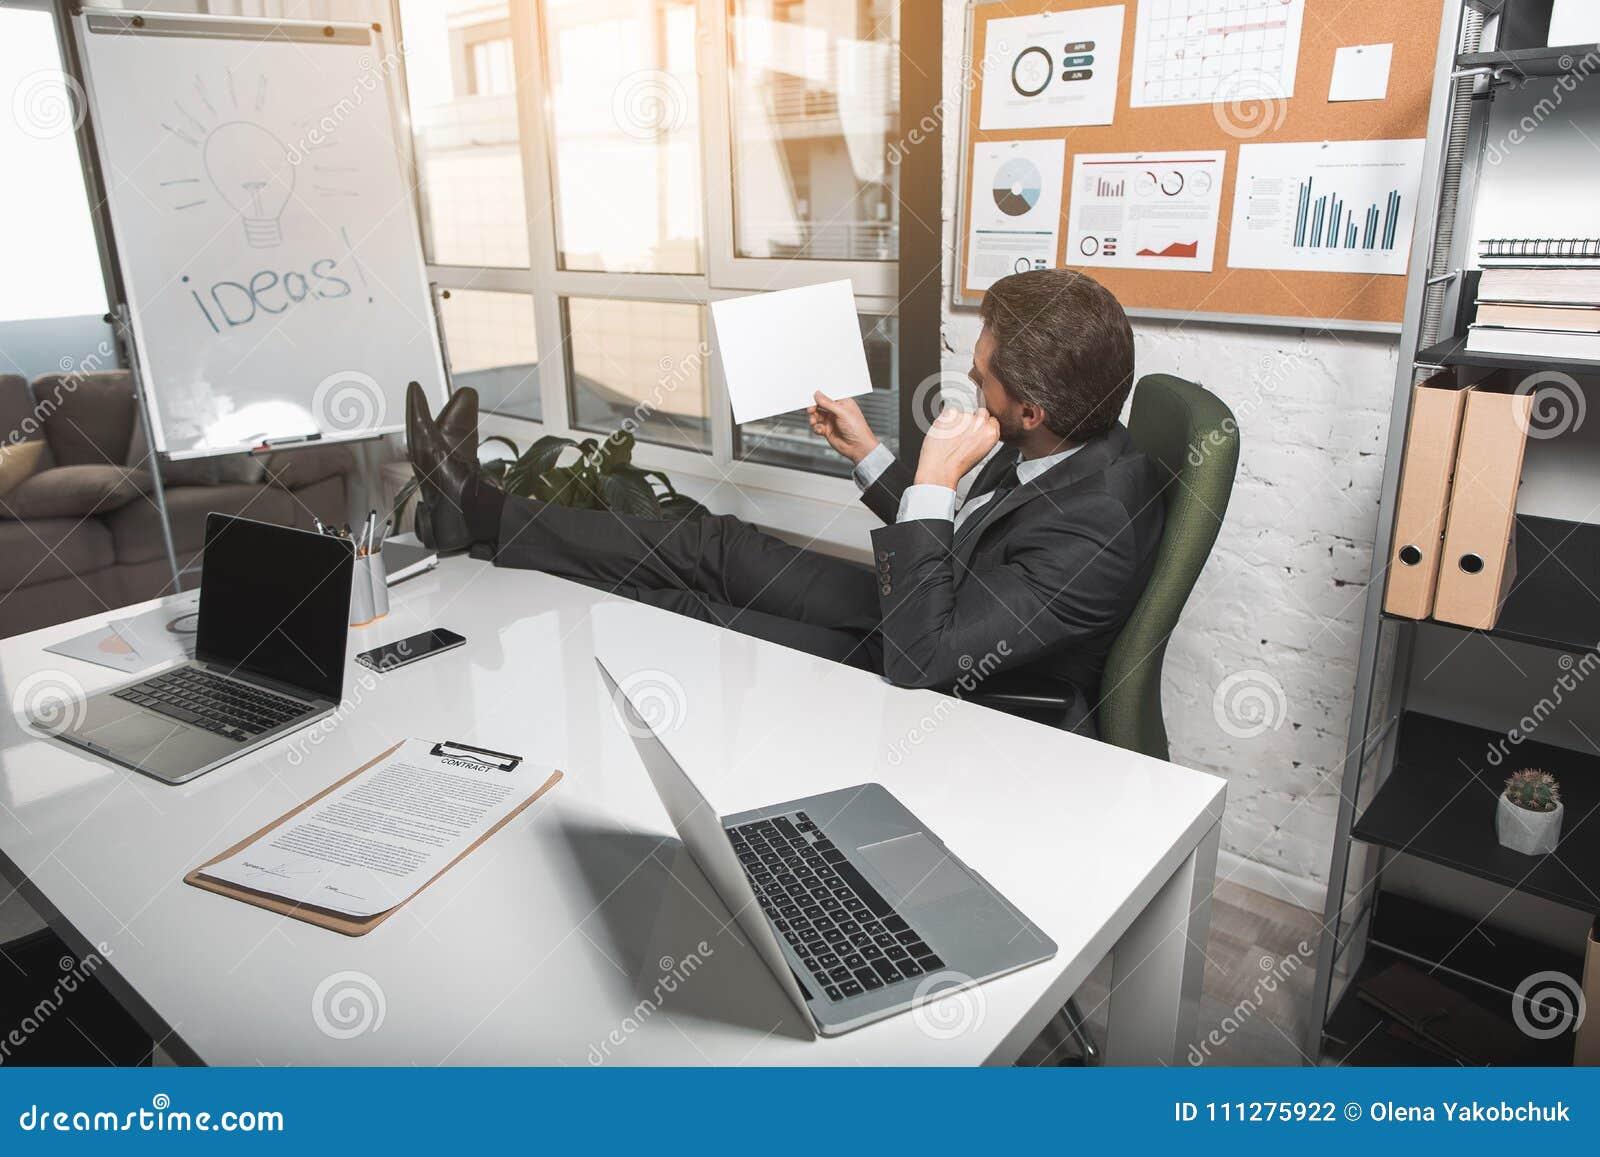 8d0f083571fe6 El Empleado Concentrado Está Trabajando En Oficina Foto de archivo ...